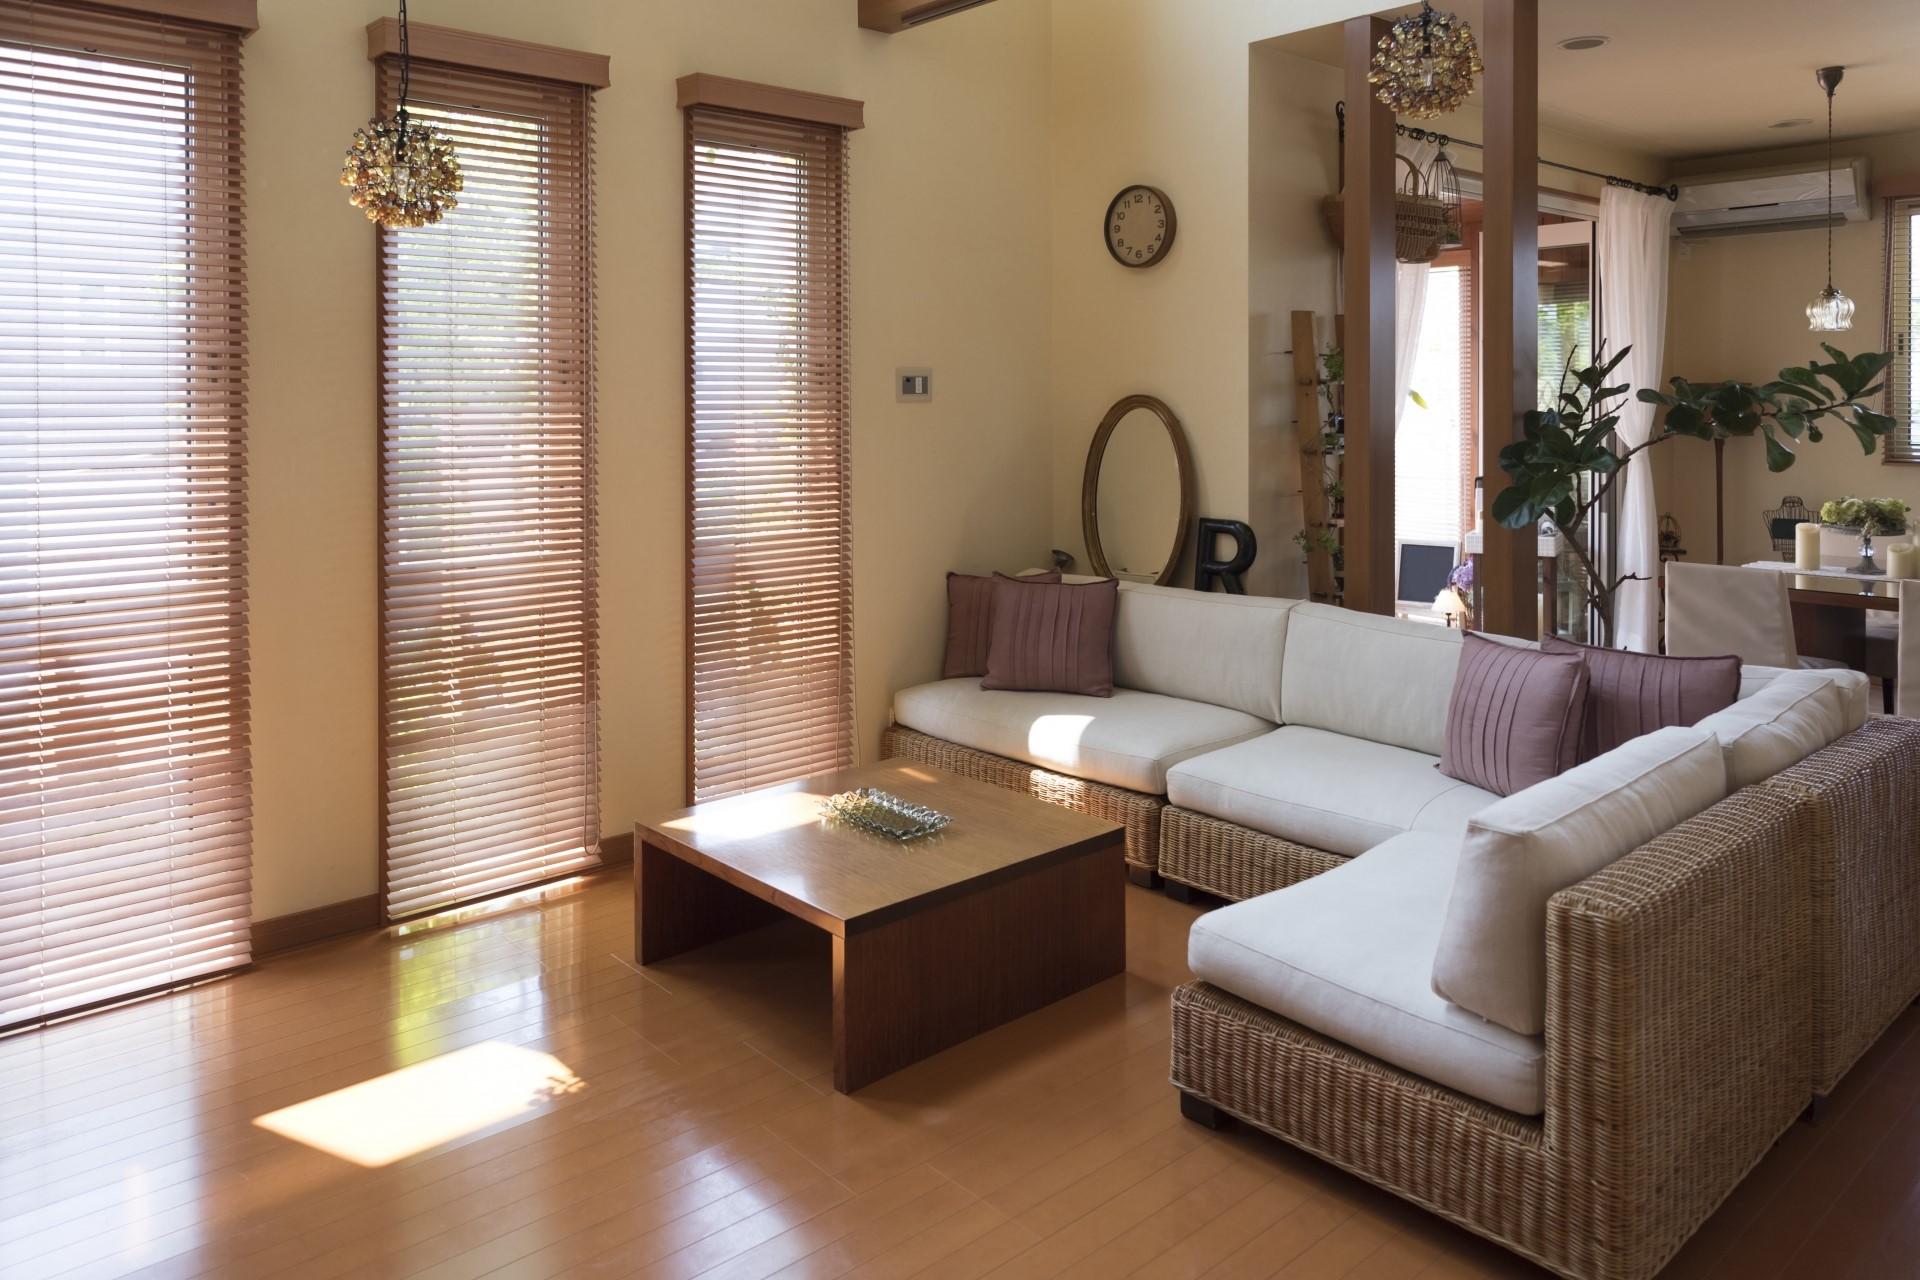 【リビングカビ予防法】…大きな家具の隙間に注意!